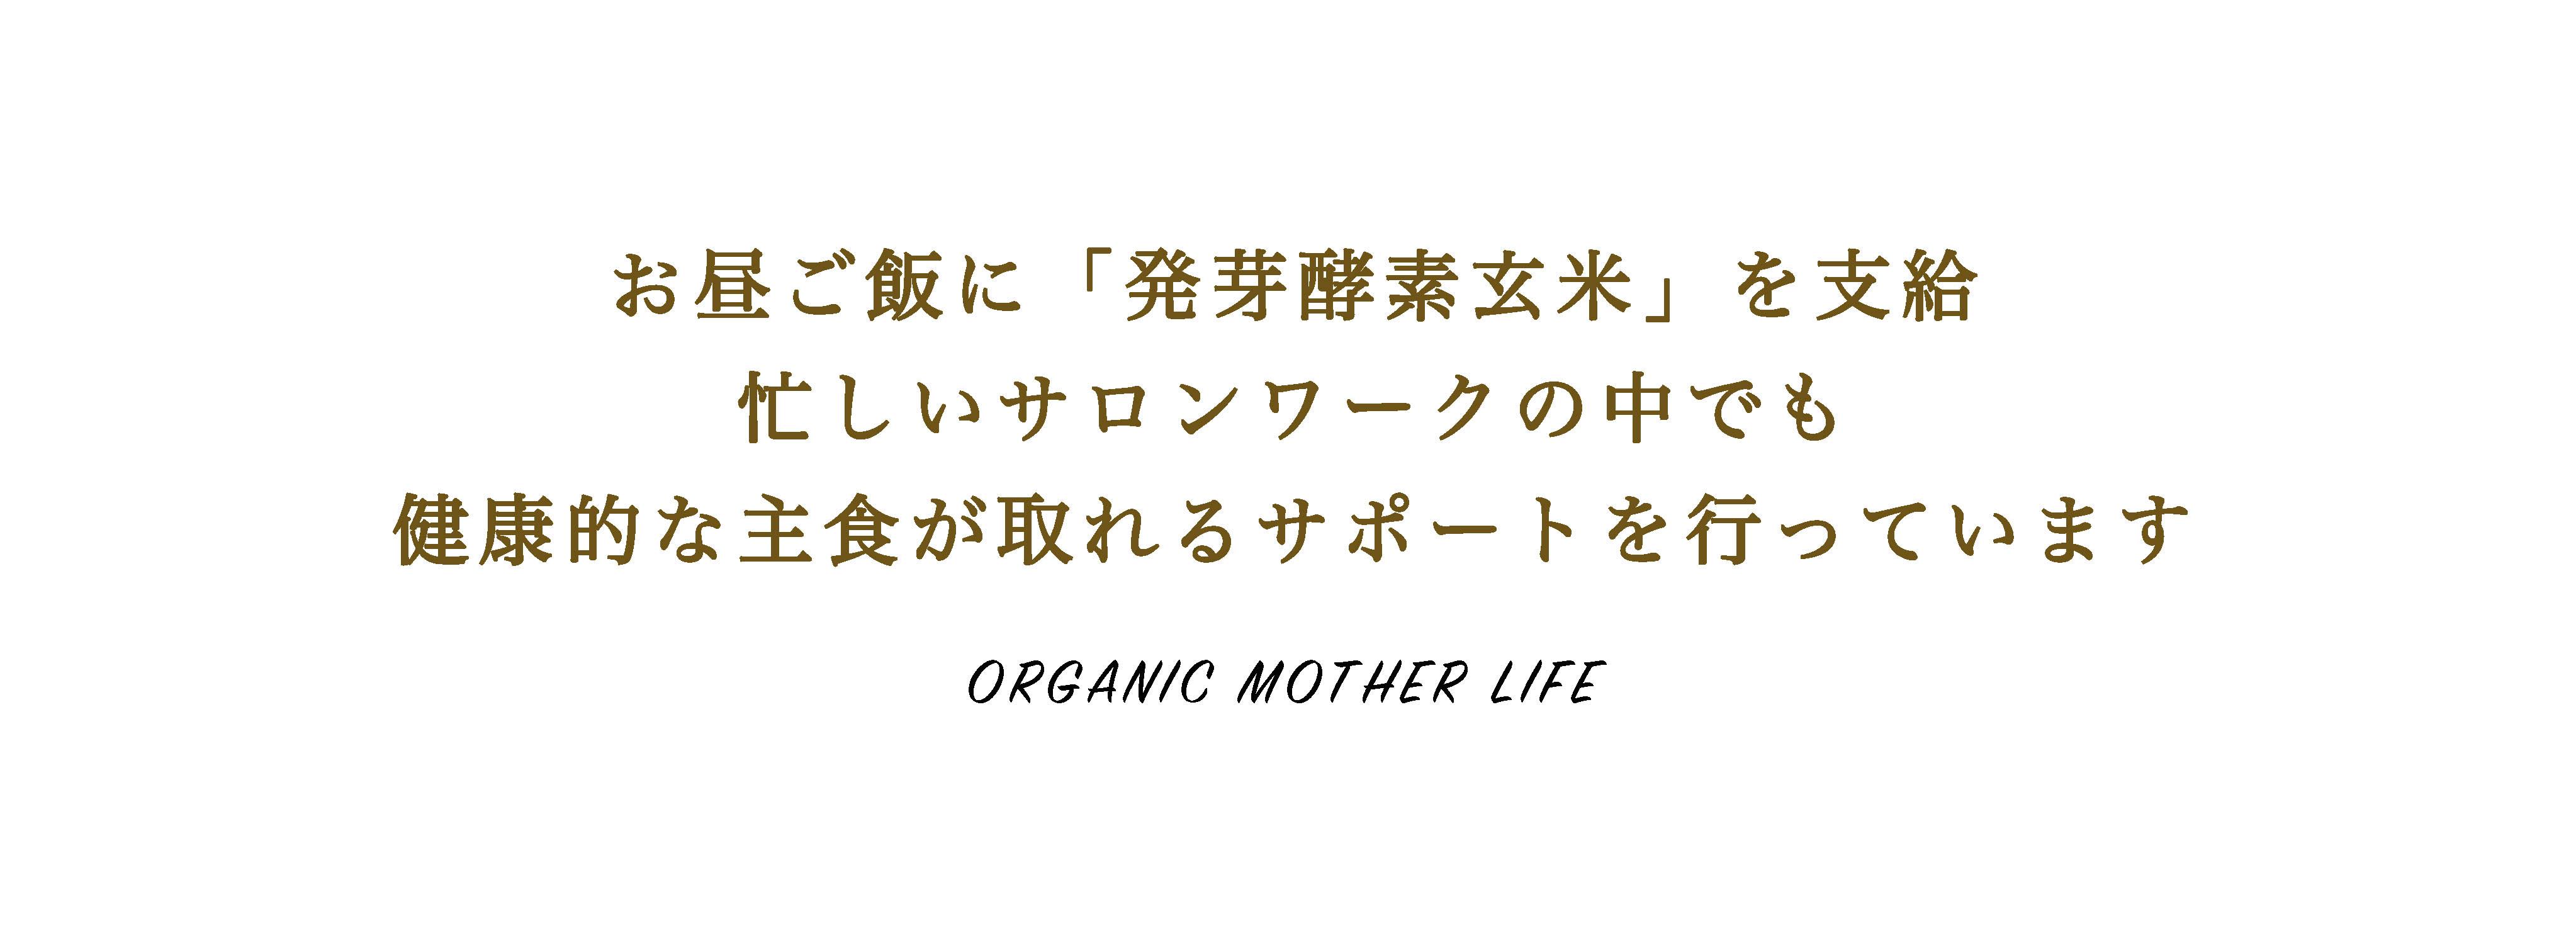 オーガニックマザーライフ福利厚生7